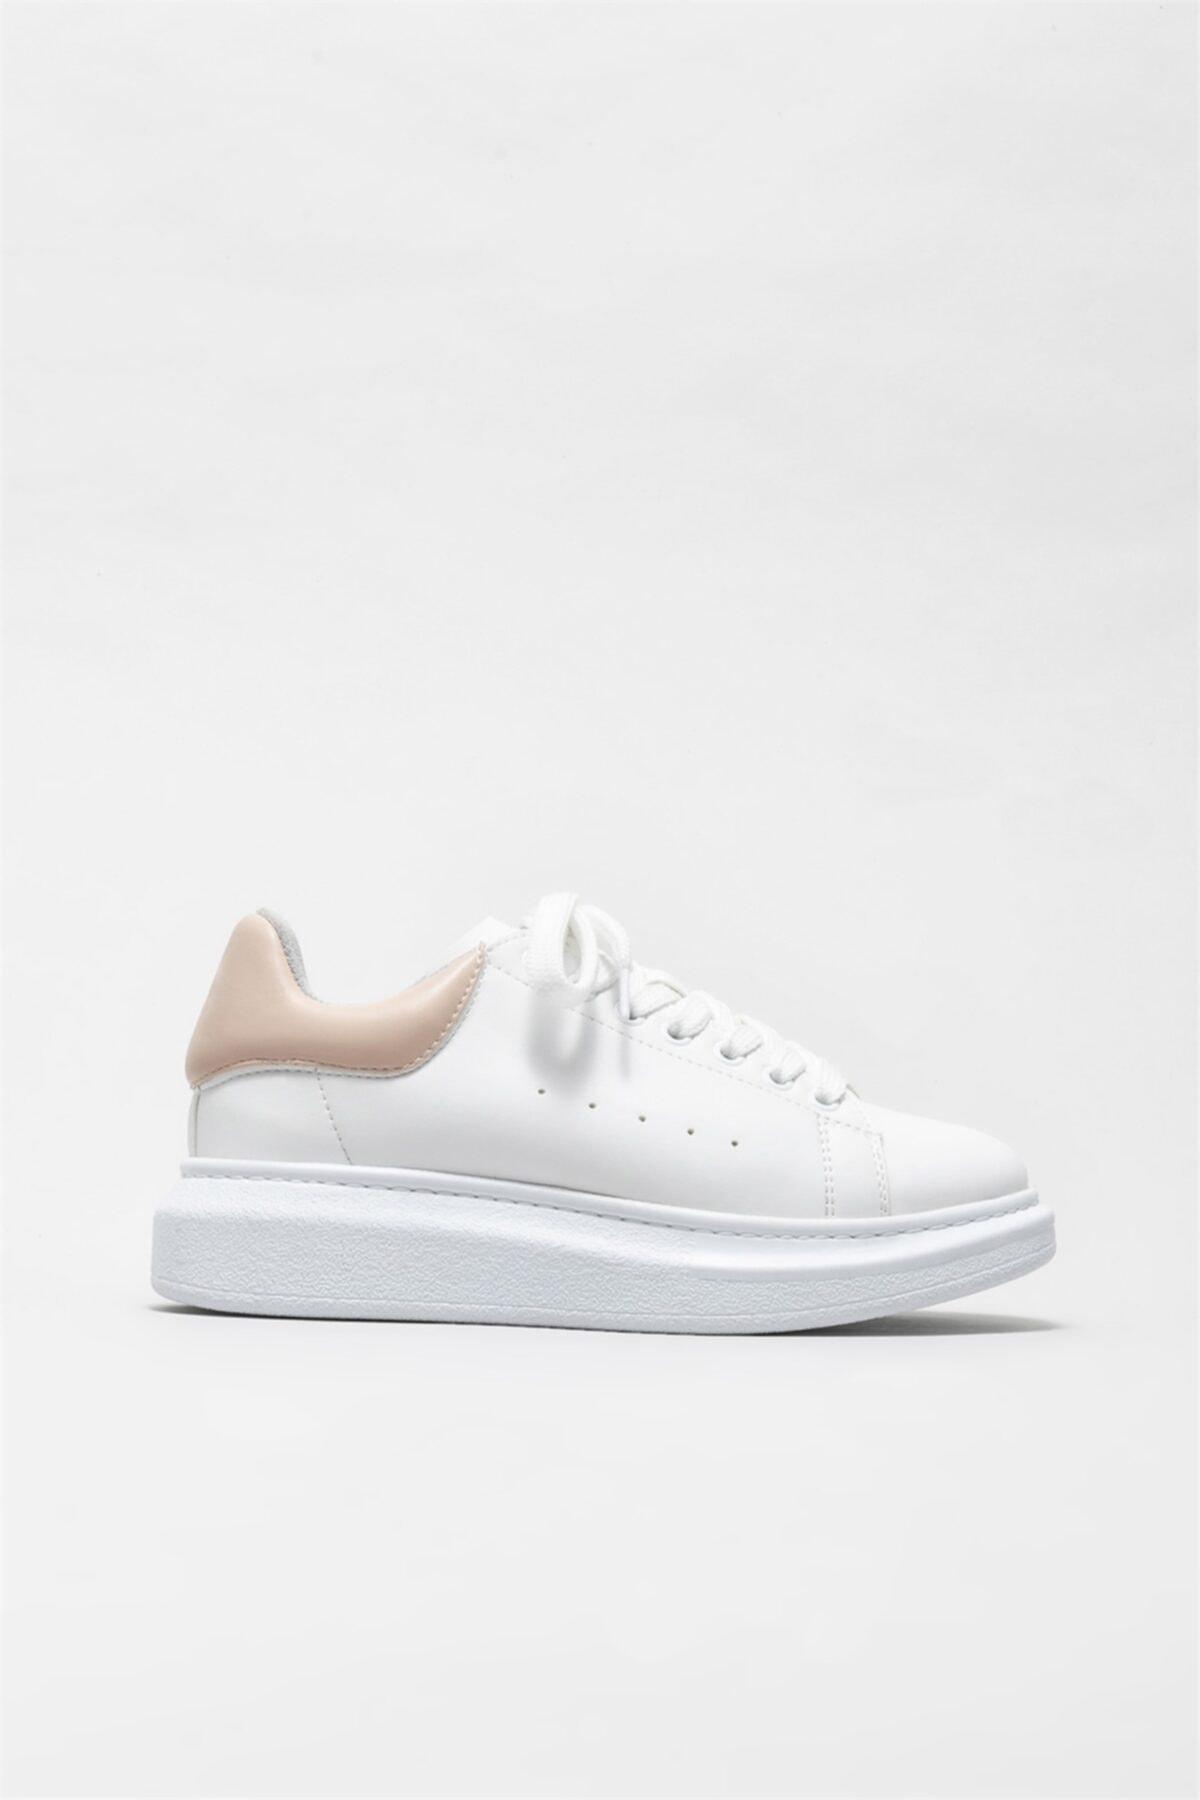 خرید انلاین کتانی طرح دار برند Elle Shoes رنگ صورتی ty86436494